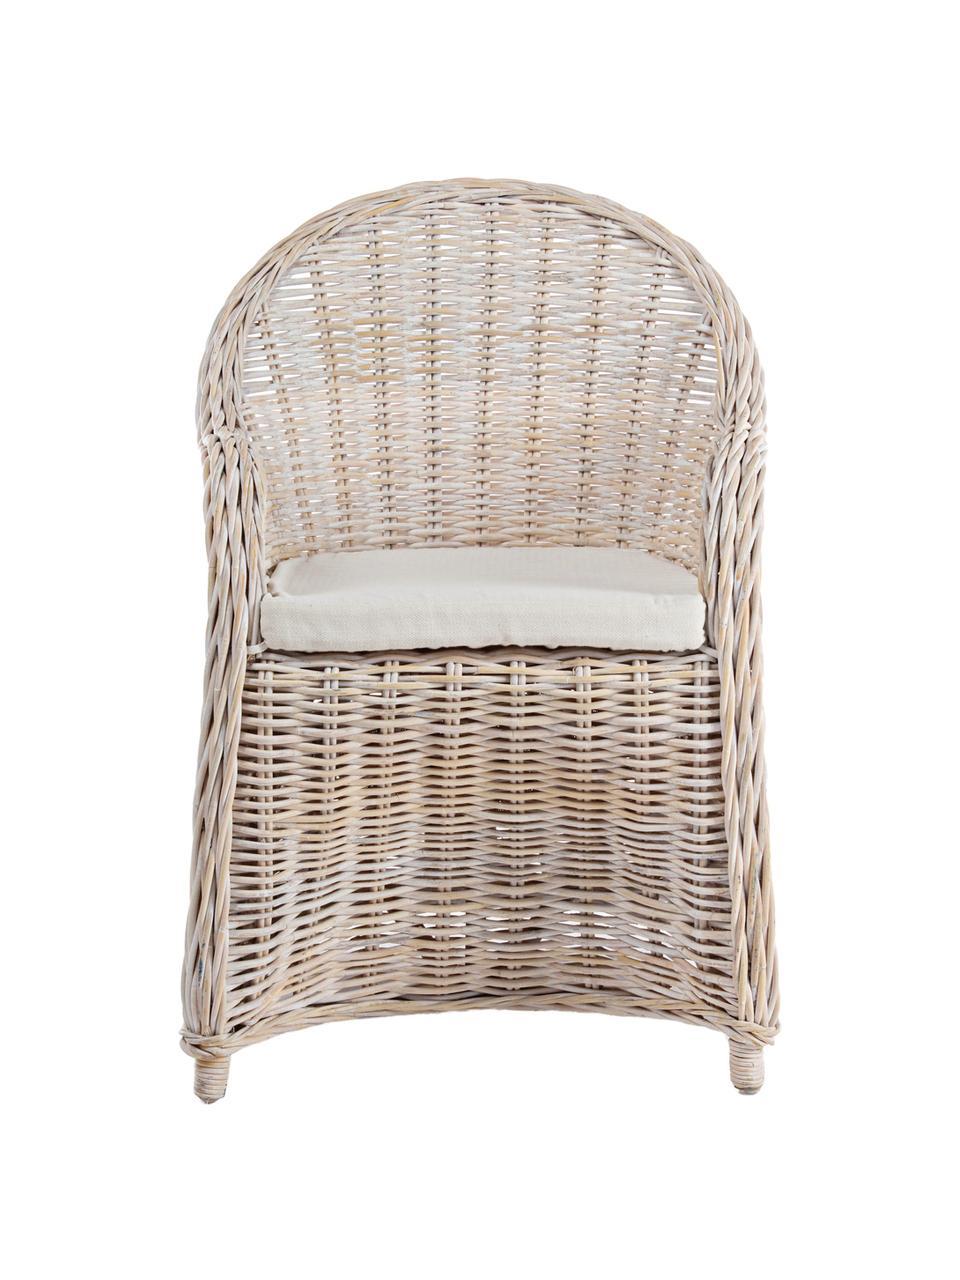 Fotel wypoczynkowy z rattanu Martin, Tapicerka: bawełna, Rattanowy, biały, S 60 x G 67 cm